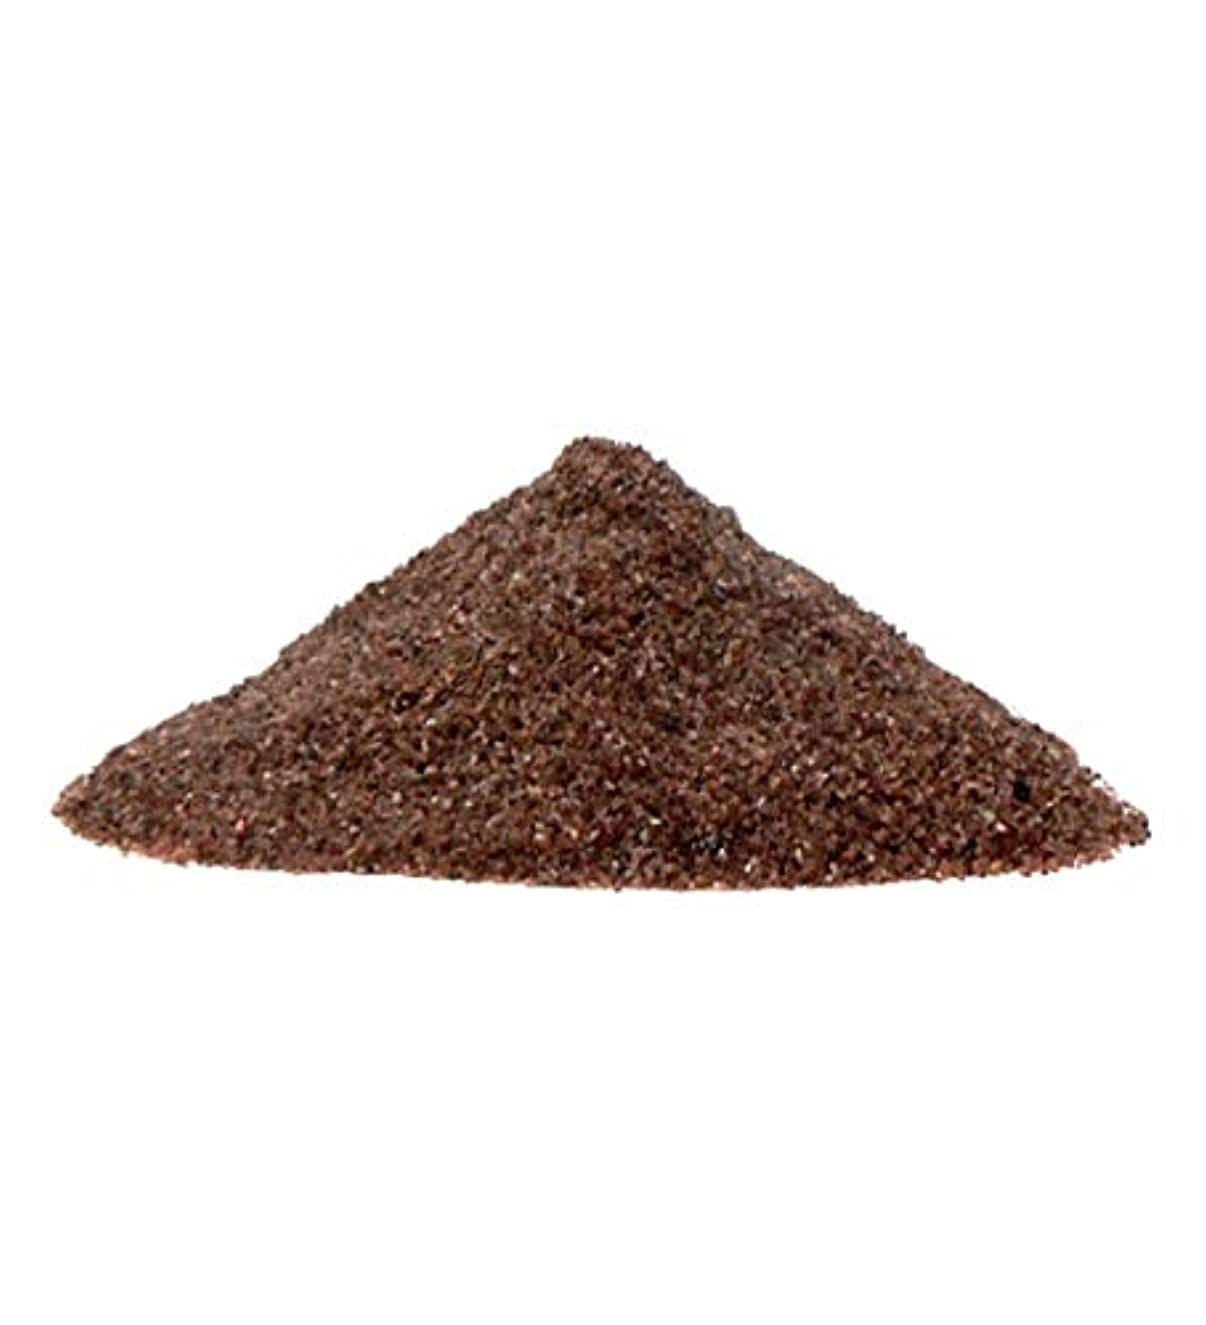 ビジター頼る味付け増量中!ヒマラヤ岩塩 ブラックソルト 入浴用 バスソルト (微粒パウダー) 黒岩塩 (3kg+500g増量)